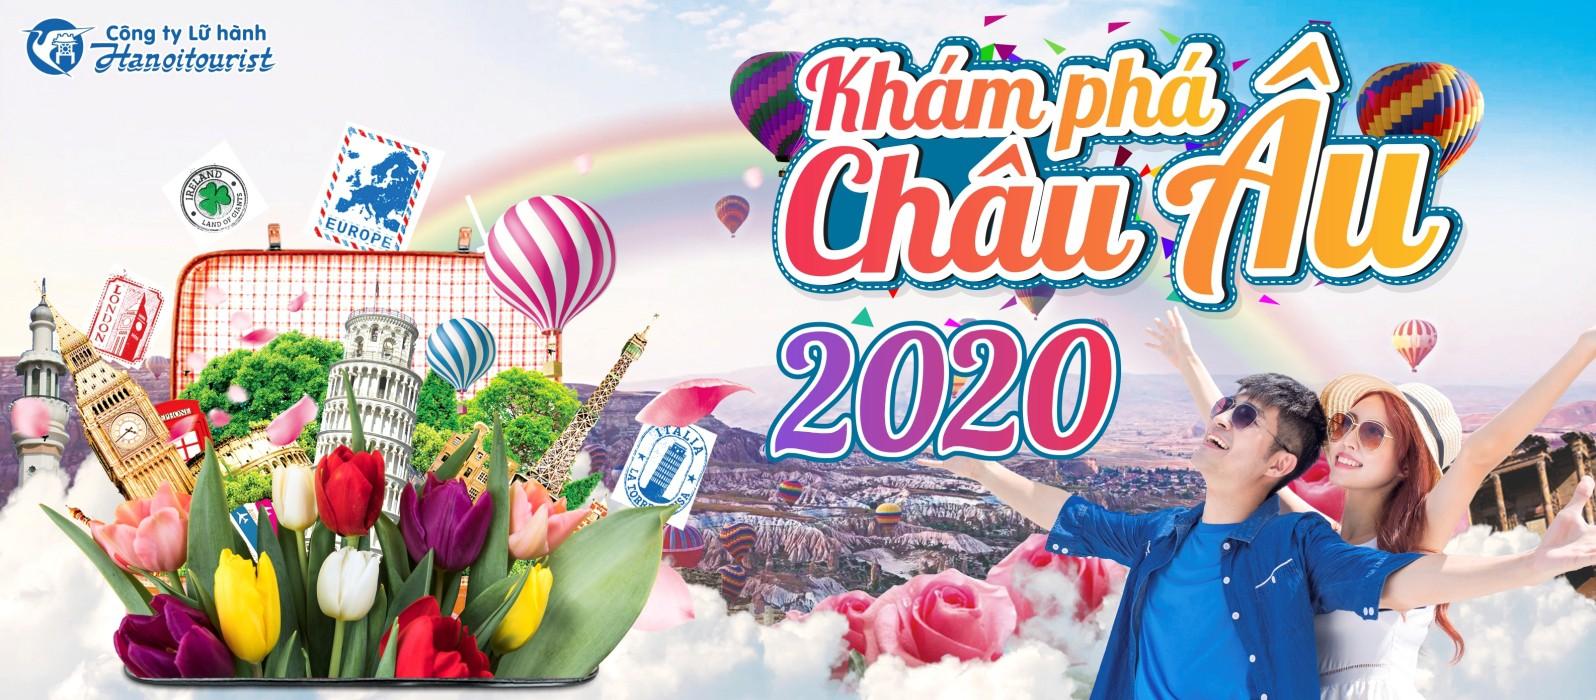 Chau Au 2020